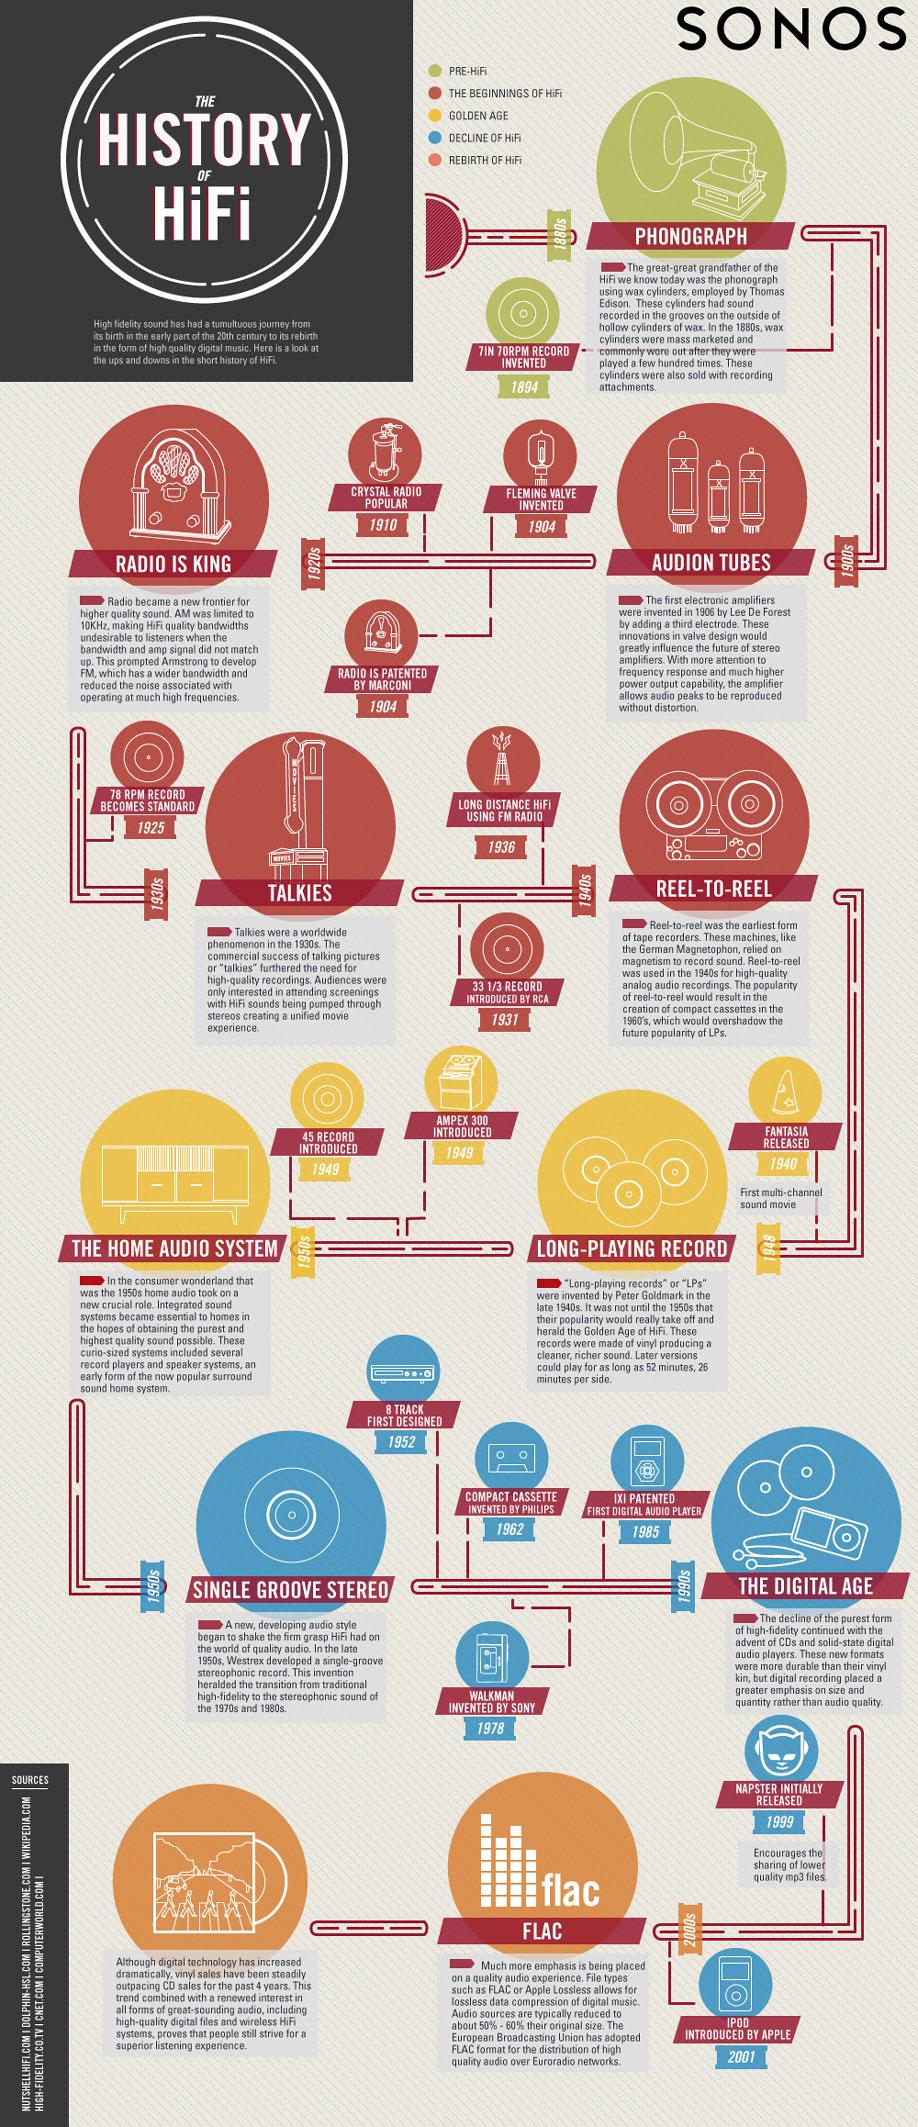 The History Of HiFi